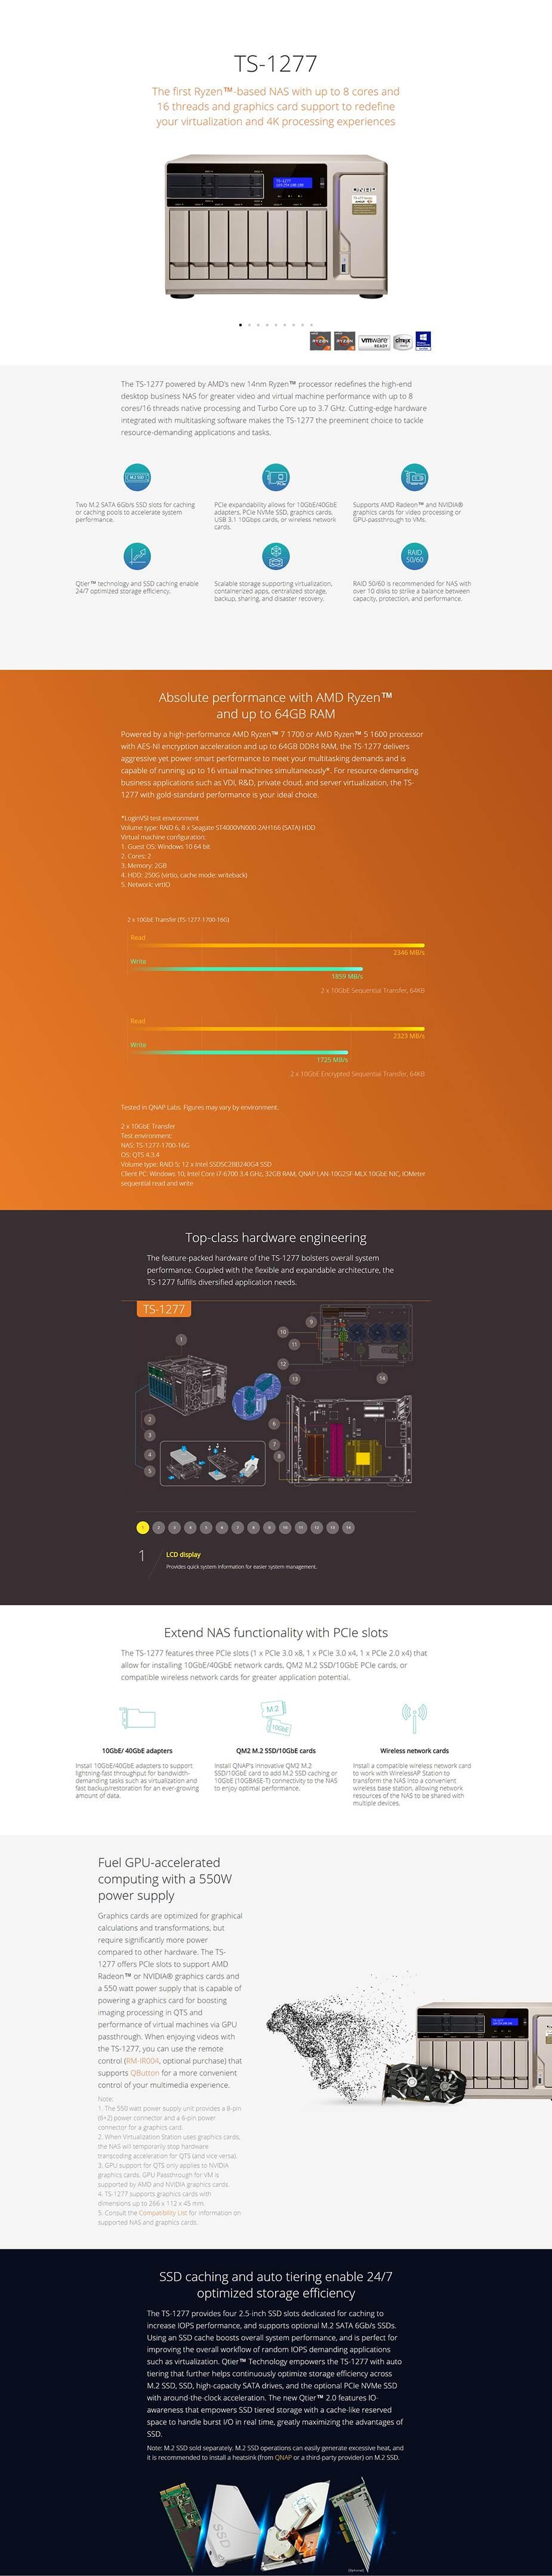 QNAP TS-1277-1600-8G 12 Bay Diskless NAS AMD Ryzen 5 1600 CPU 8GB RAM - Desktop Overview 1